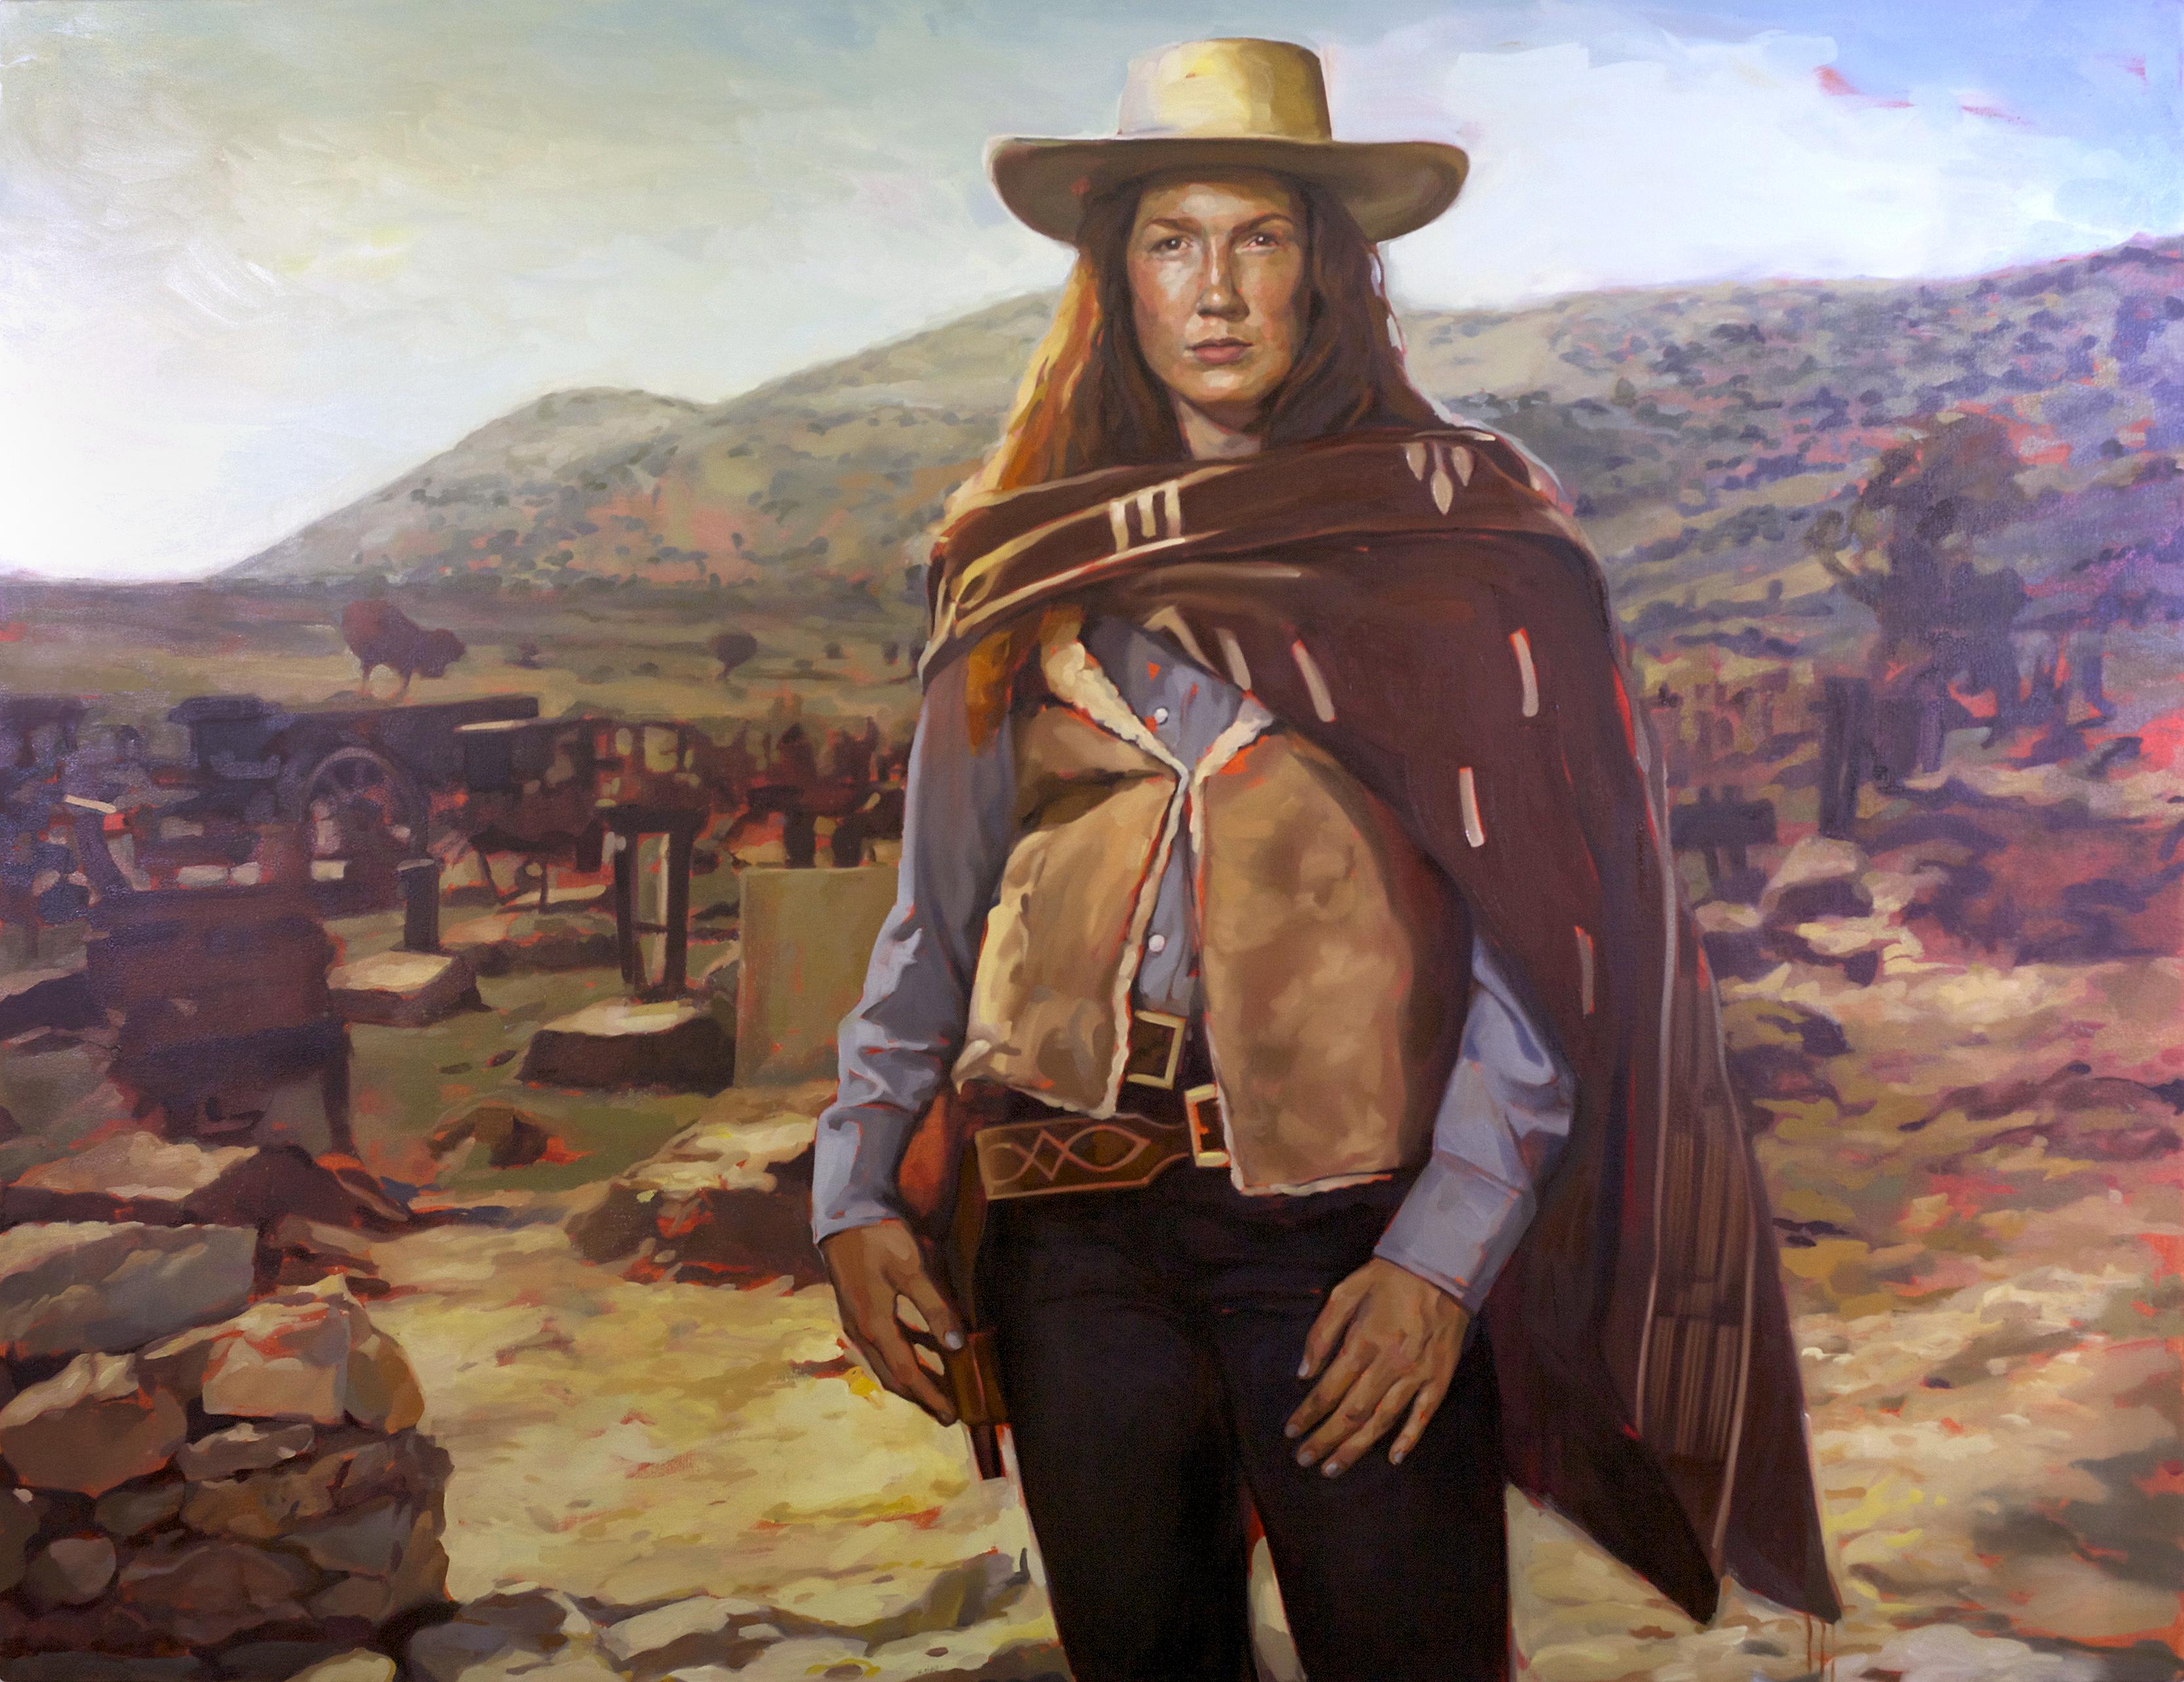 Vaqueros clsicos convertidos en mujeres empoderadas Creators